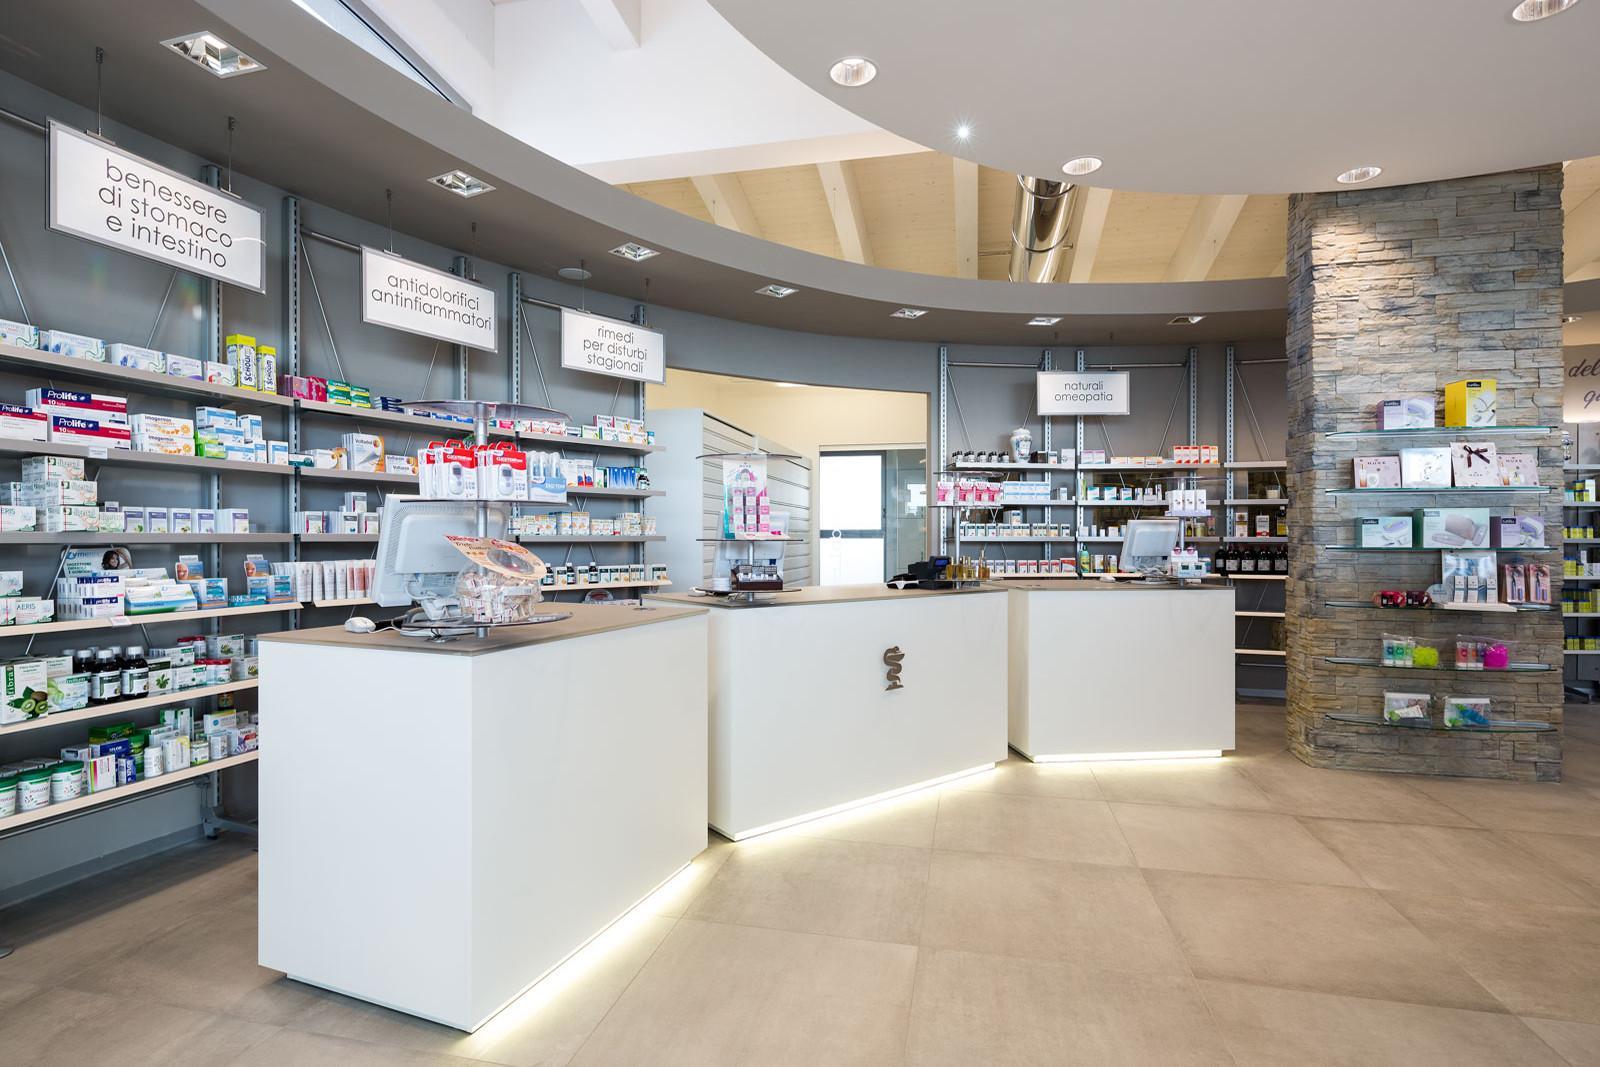 Arredamenti per farmacia le realizzazioni th kohl th kohl